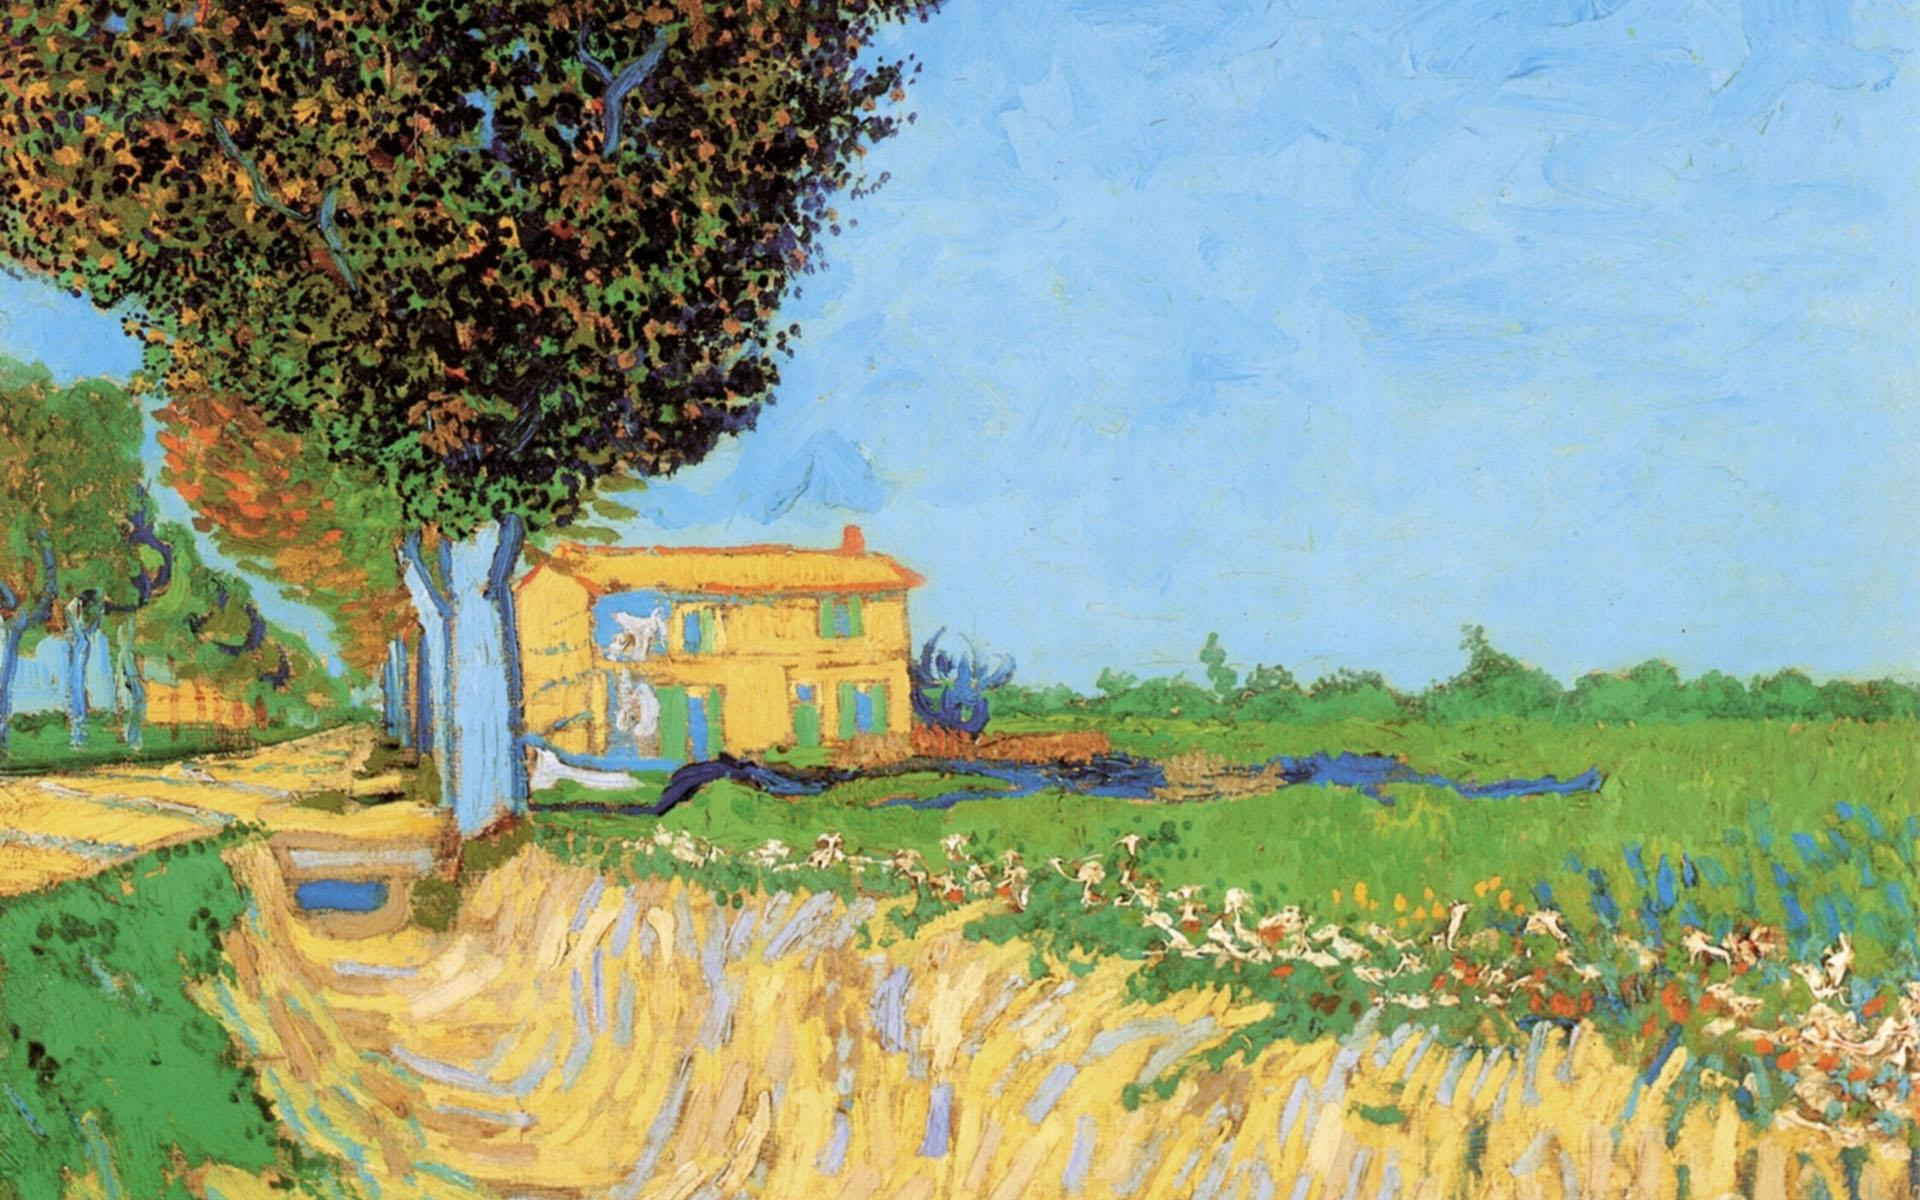 Vincent Van Gogh Paintings Wallpapers Top Free Vincent Van